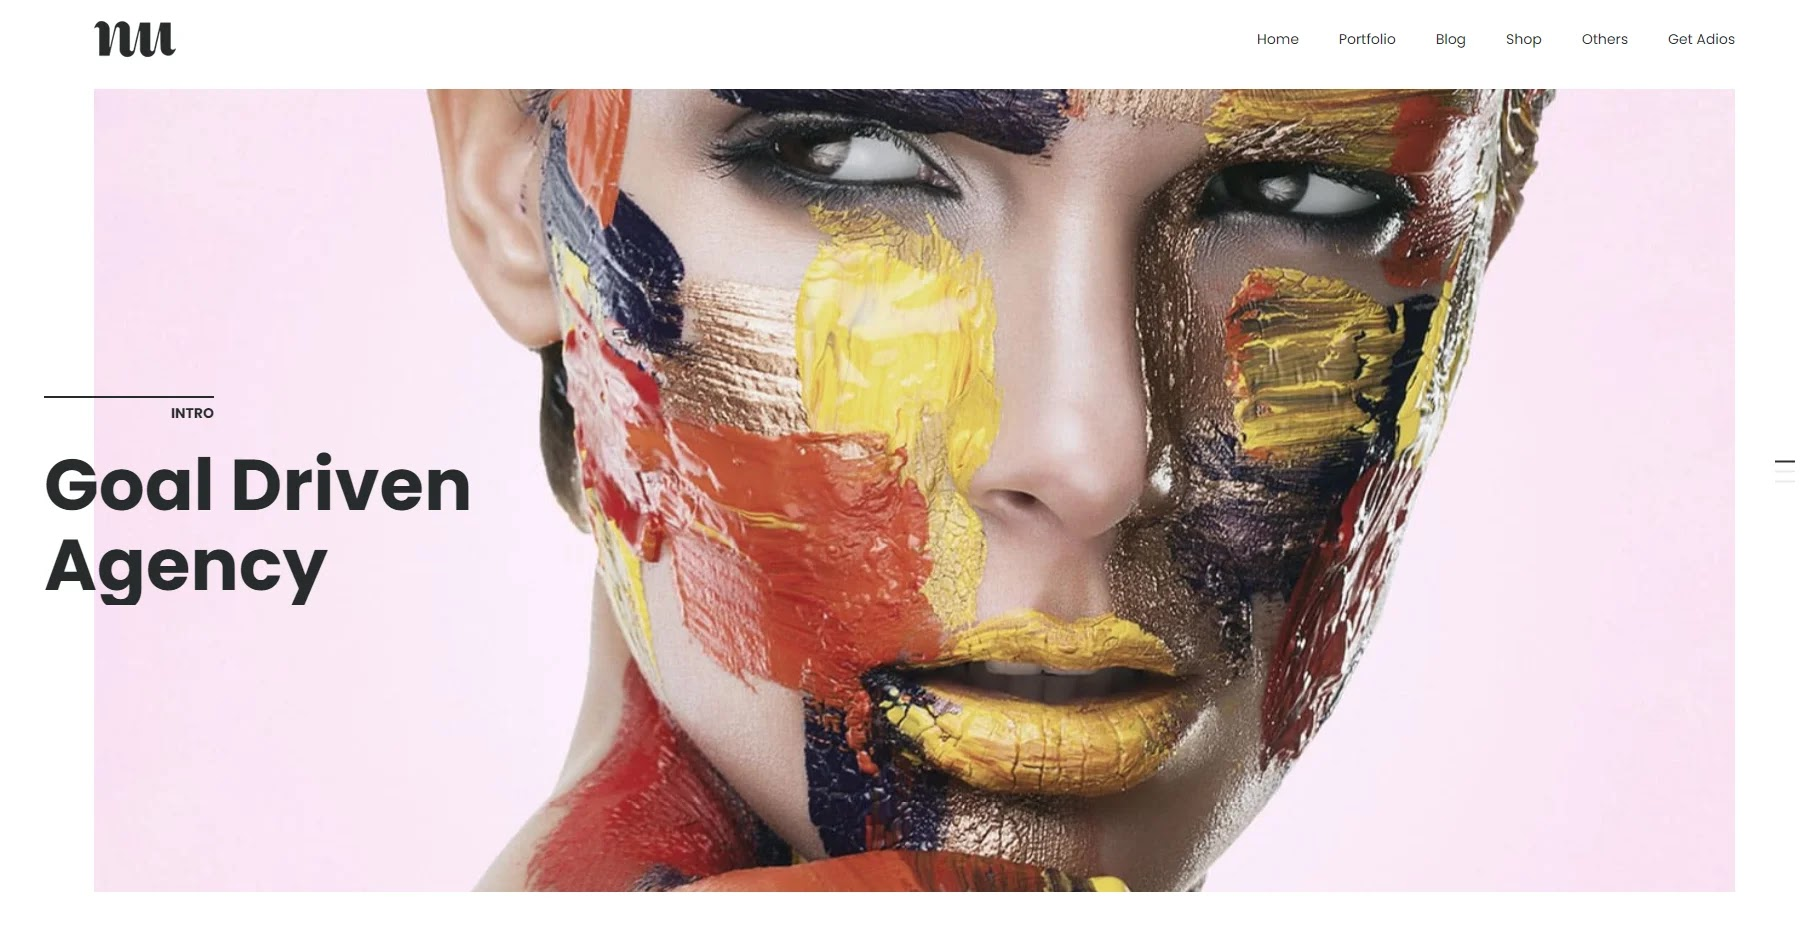 Adios - Portfolio Elementor WordPress Theme